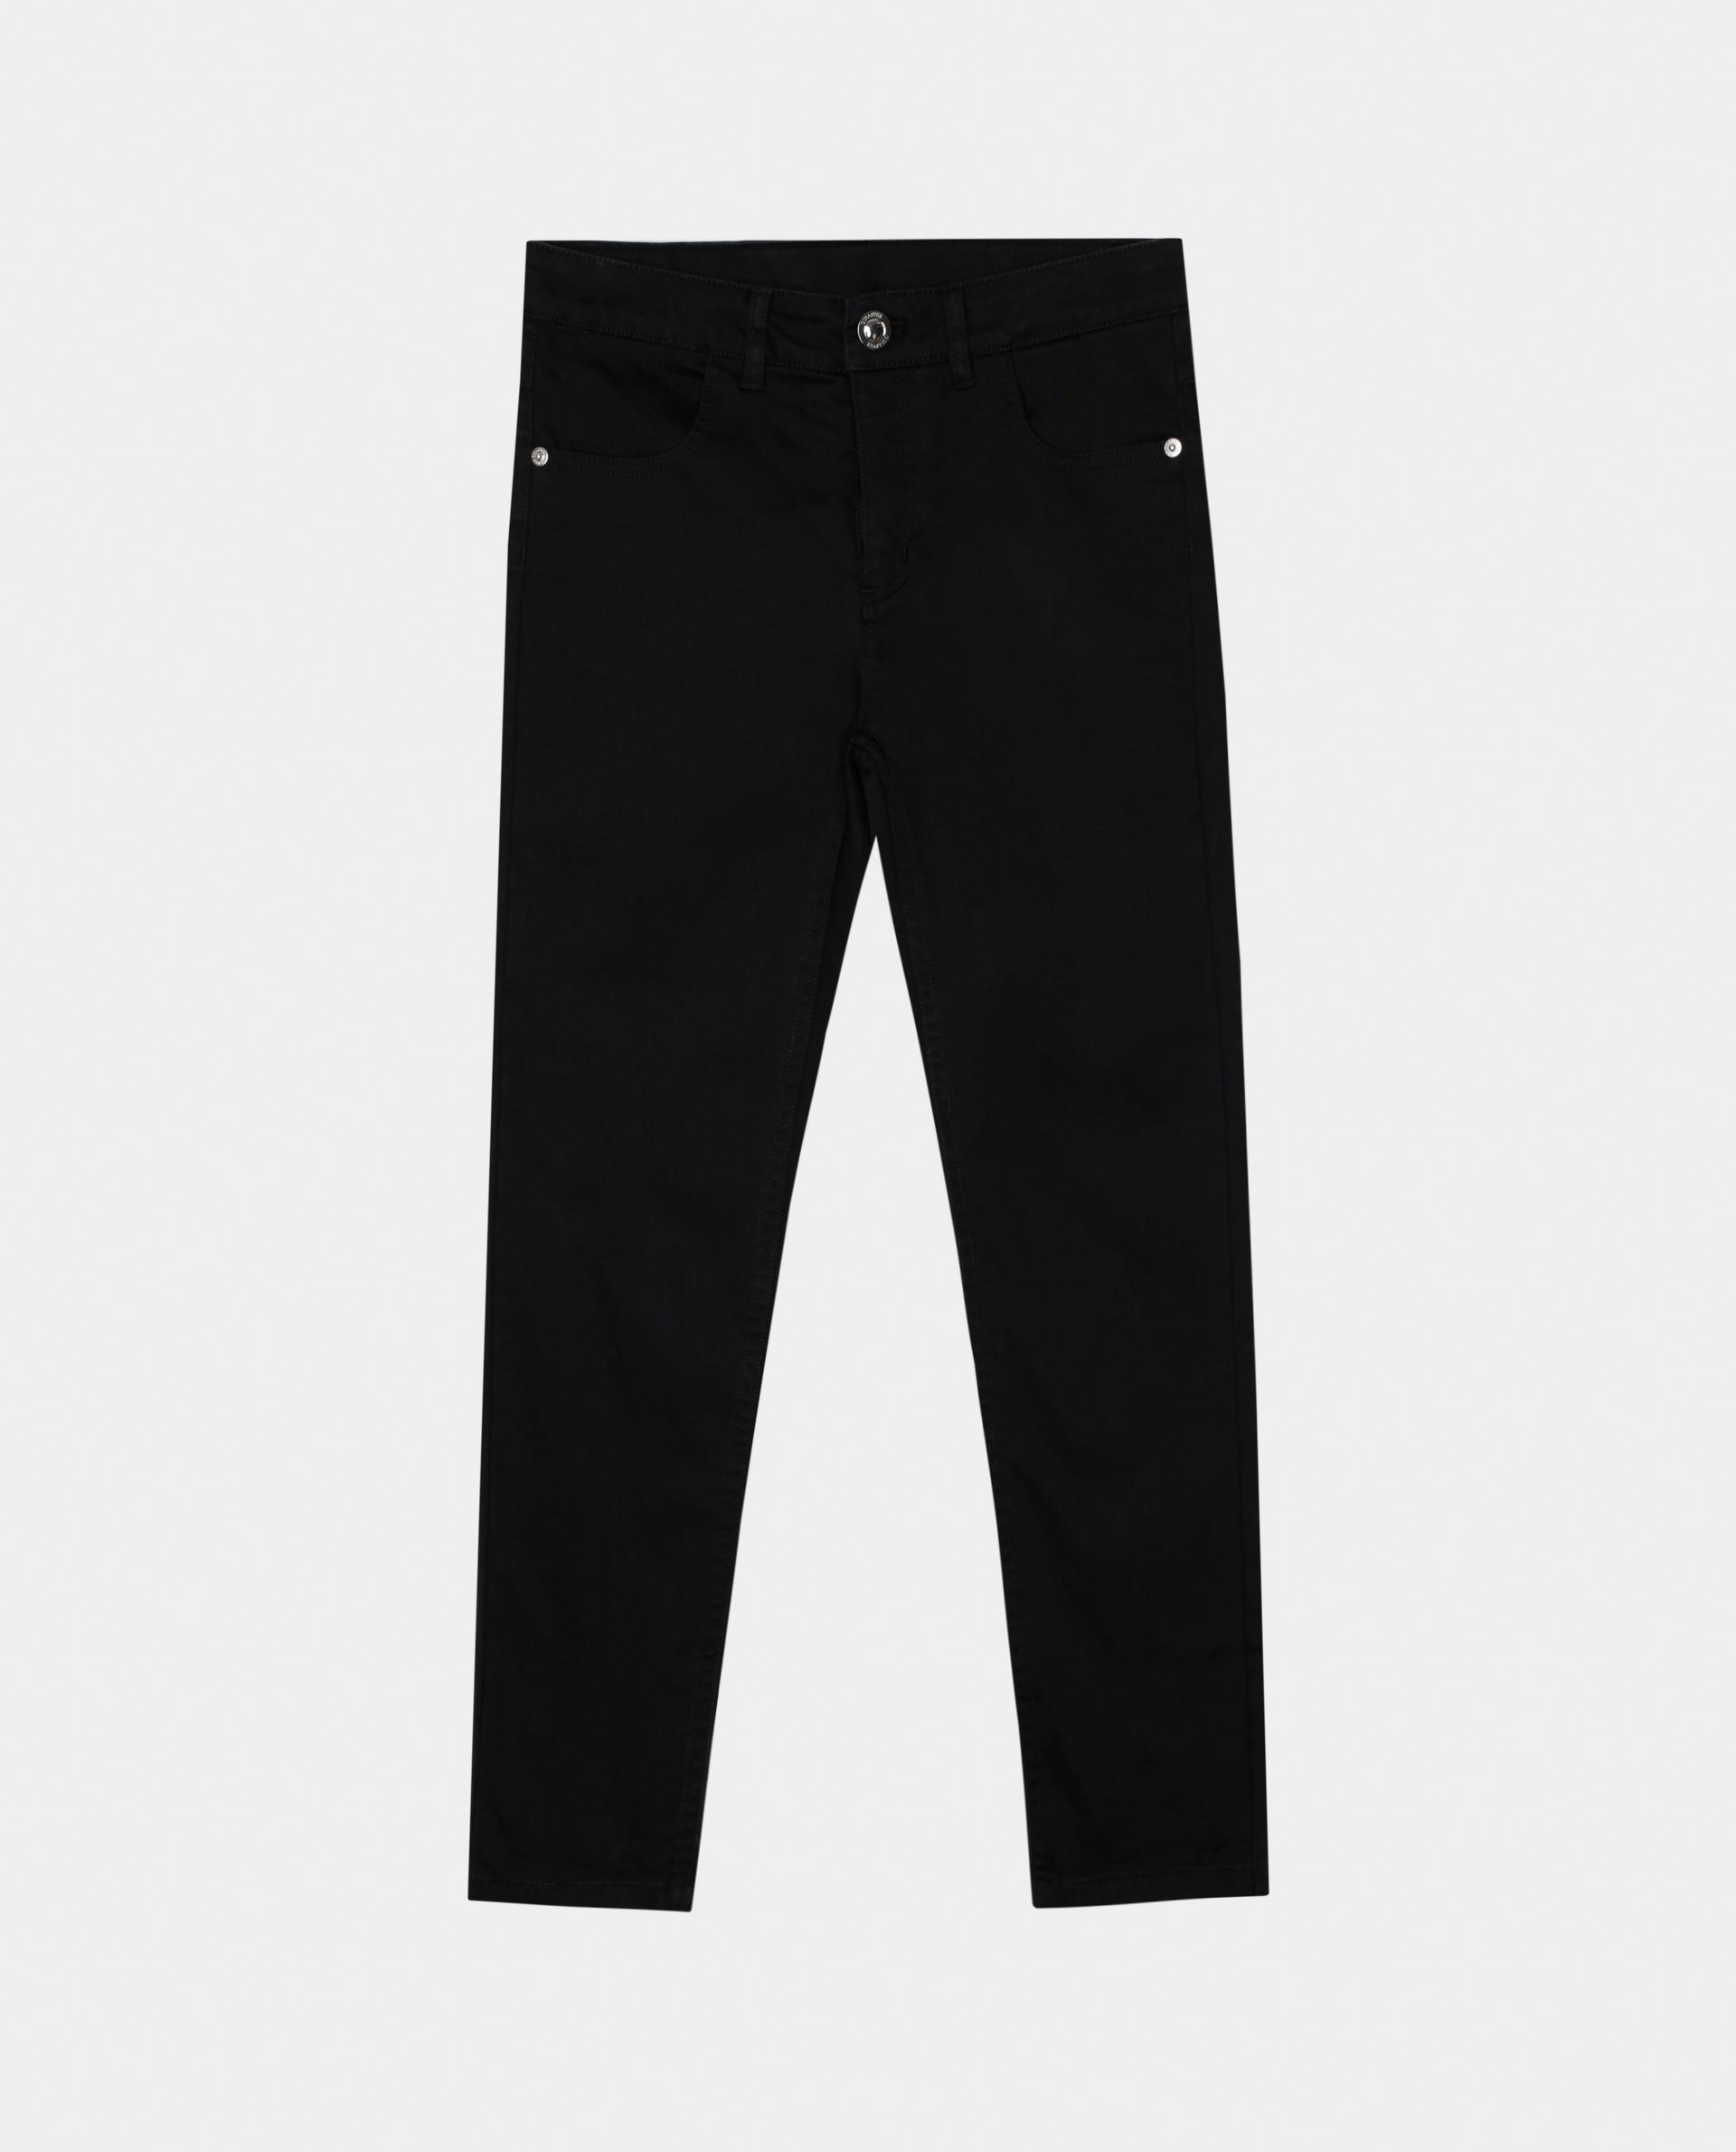 Купить 220GSGC6306, Черные твиловые брюки Gulliver, черный, 140, Твил, Женский, Демисезон, ШКОЛЬНАЯ ФОРМА 2020-2021 (shop: GulliverMarket Gulliver Market)